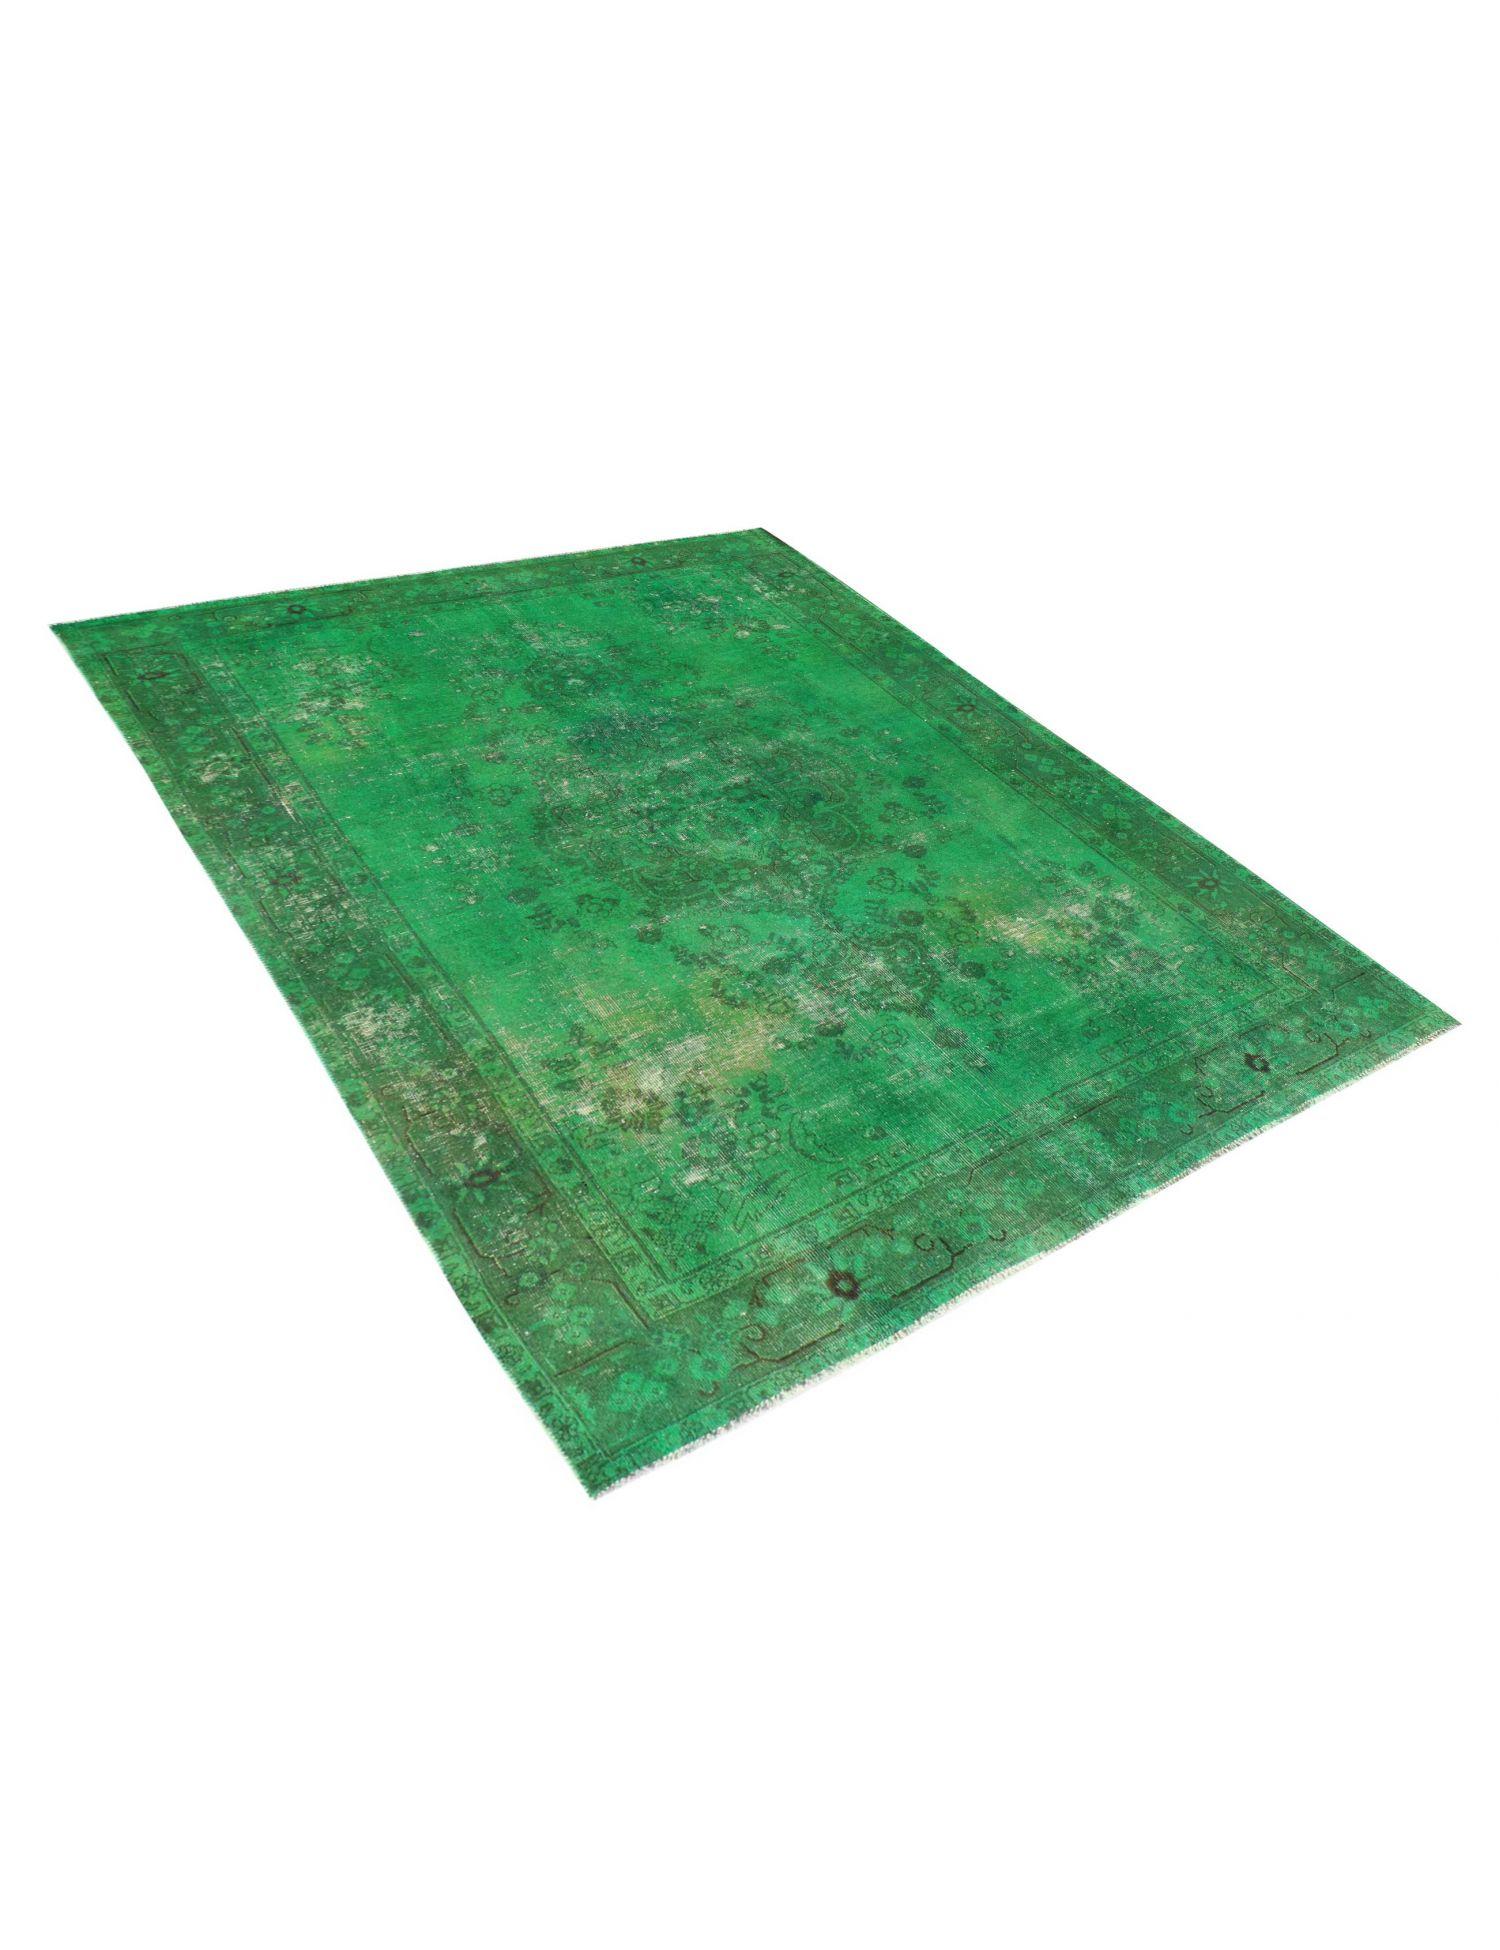 Vintage Perserteppich  grün <br/>280 x 205 cm